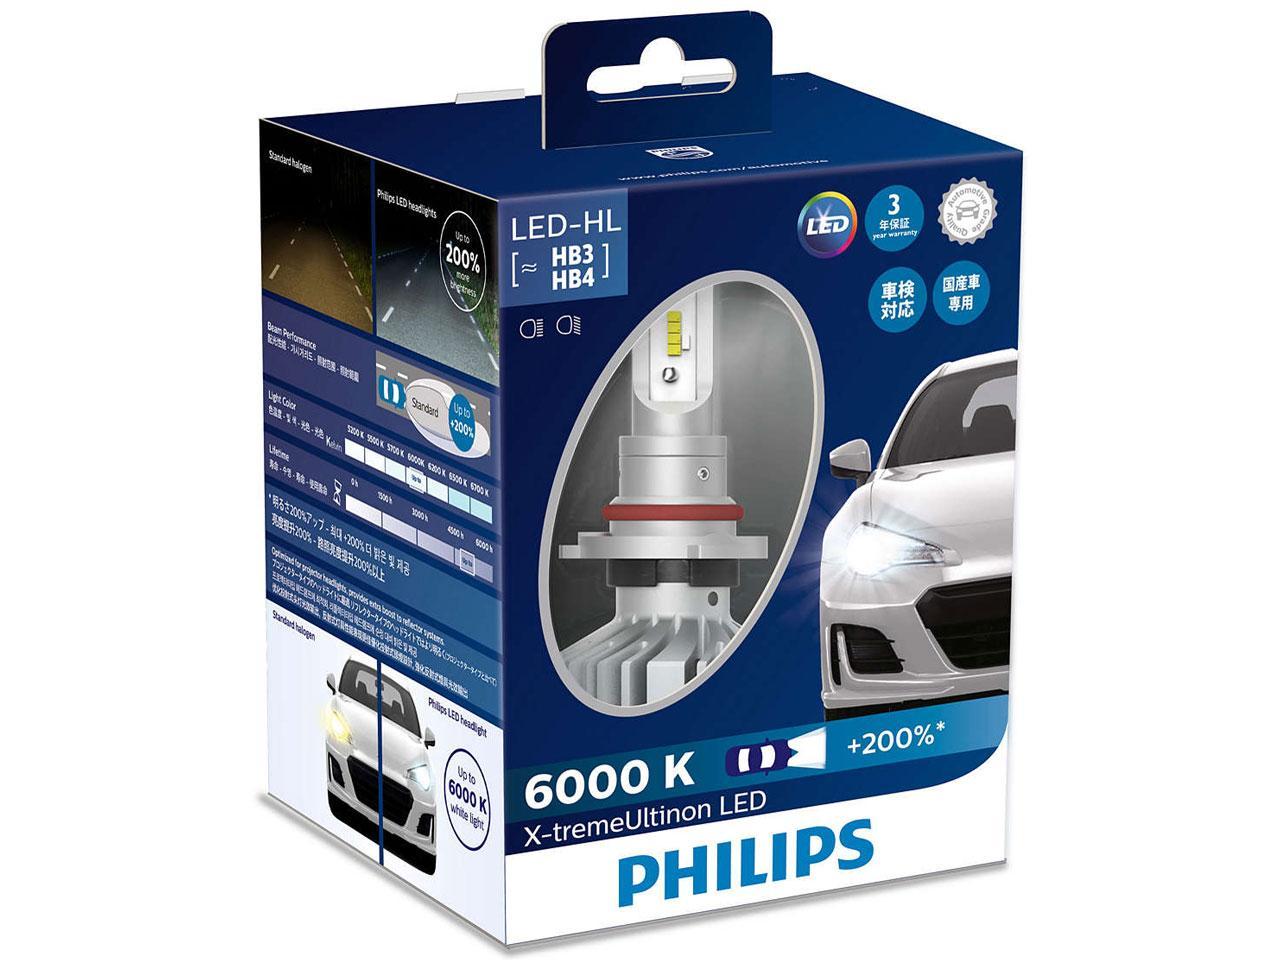 PHILIPS(フィリップス) PH LEDヘッド60K HB  11005XUX2【smtb-s】